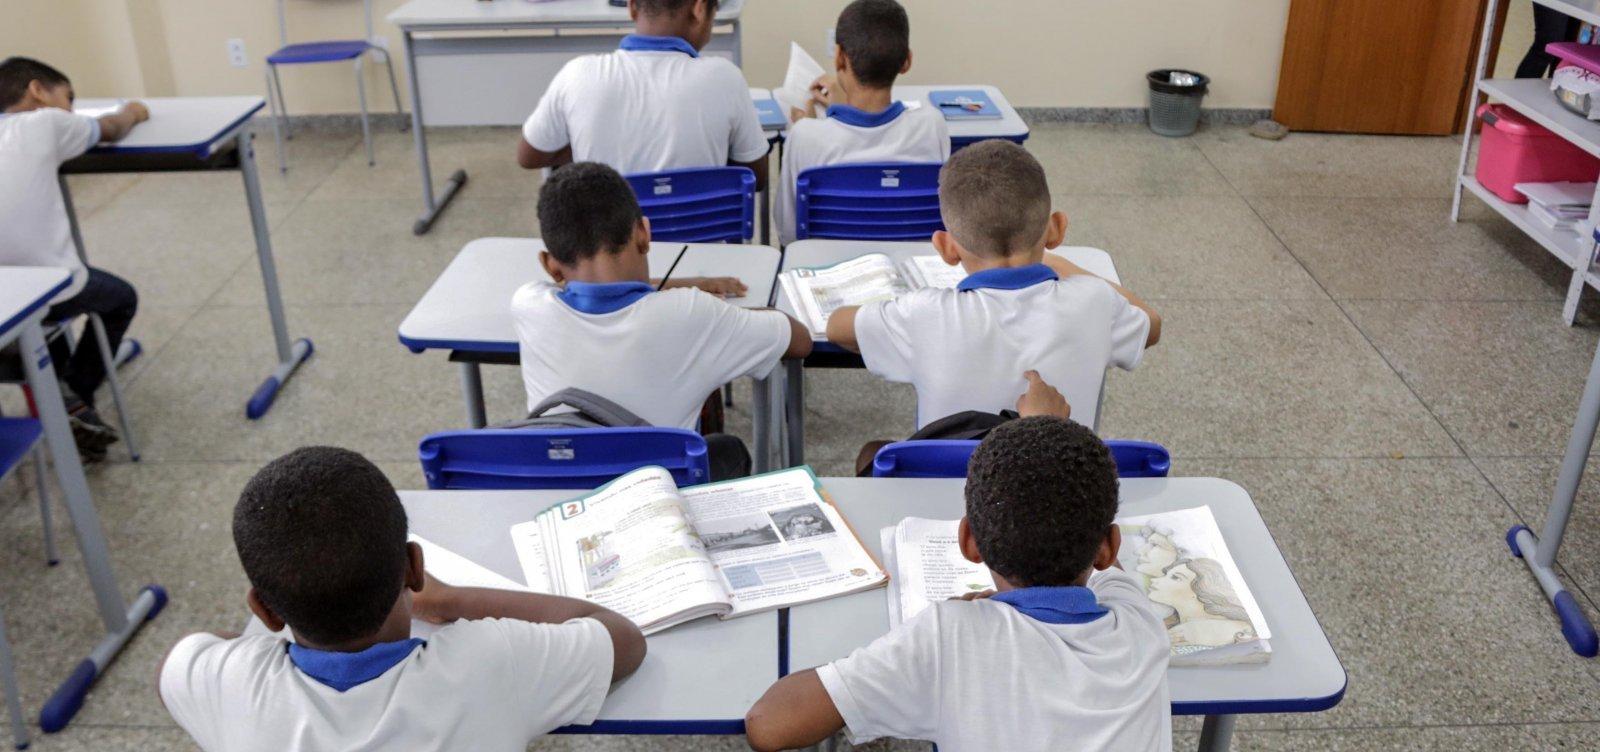 [Prefeitura prorroga suspensão de funcionamento de comércio, escolas e restaurantes até 1º de junho]